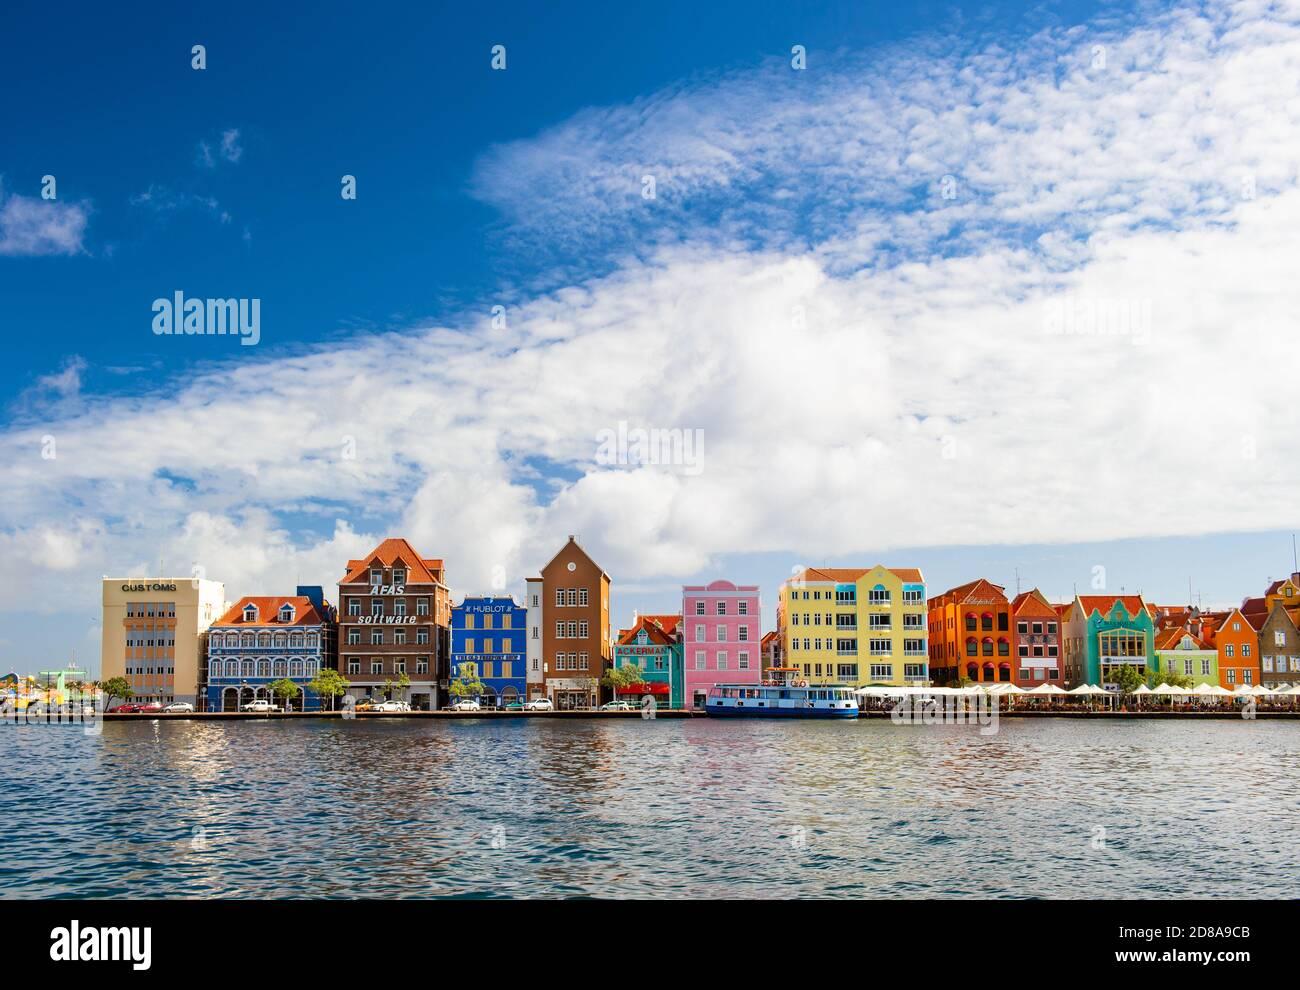 Curaçao, Antilles néerlandaises - 29 décembre 2016 : bâtiments colorés dans le port de Willemstad Banque D'Images